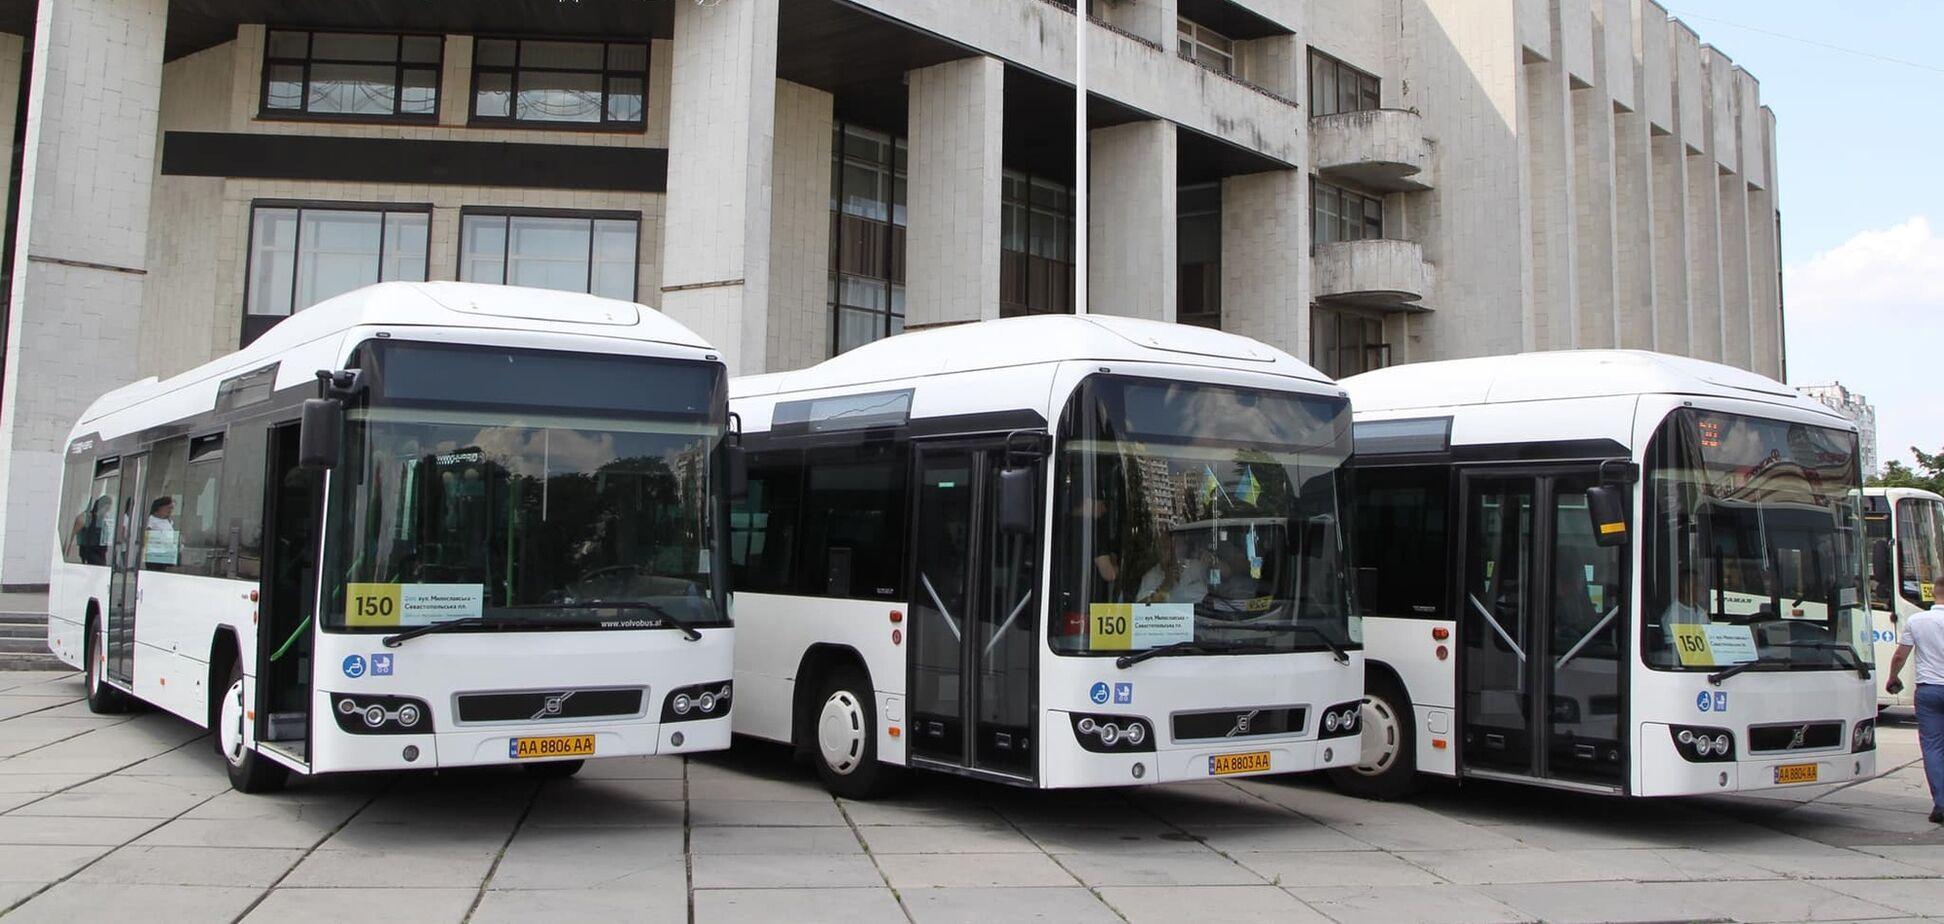 Автобусы 150-го маршрута